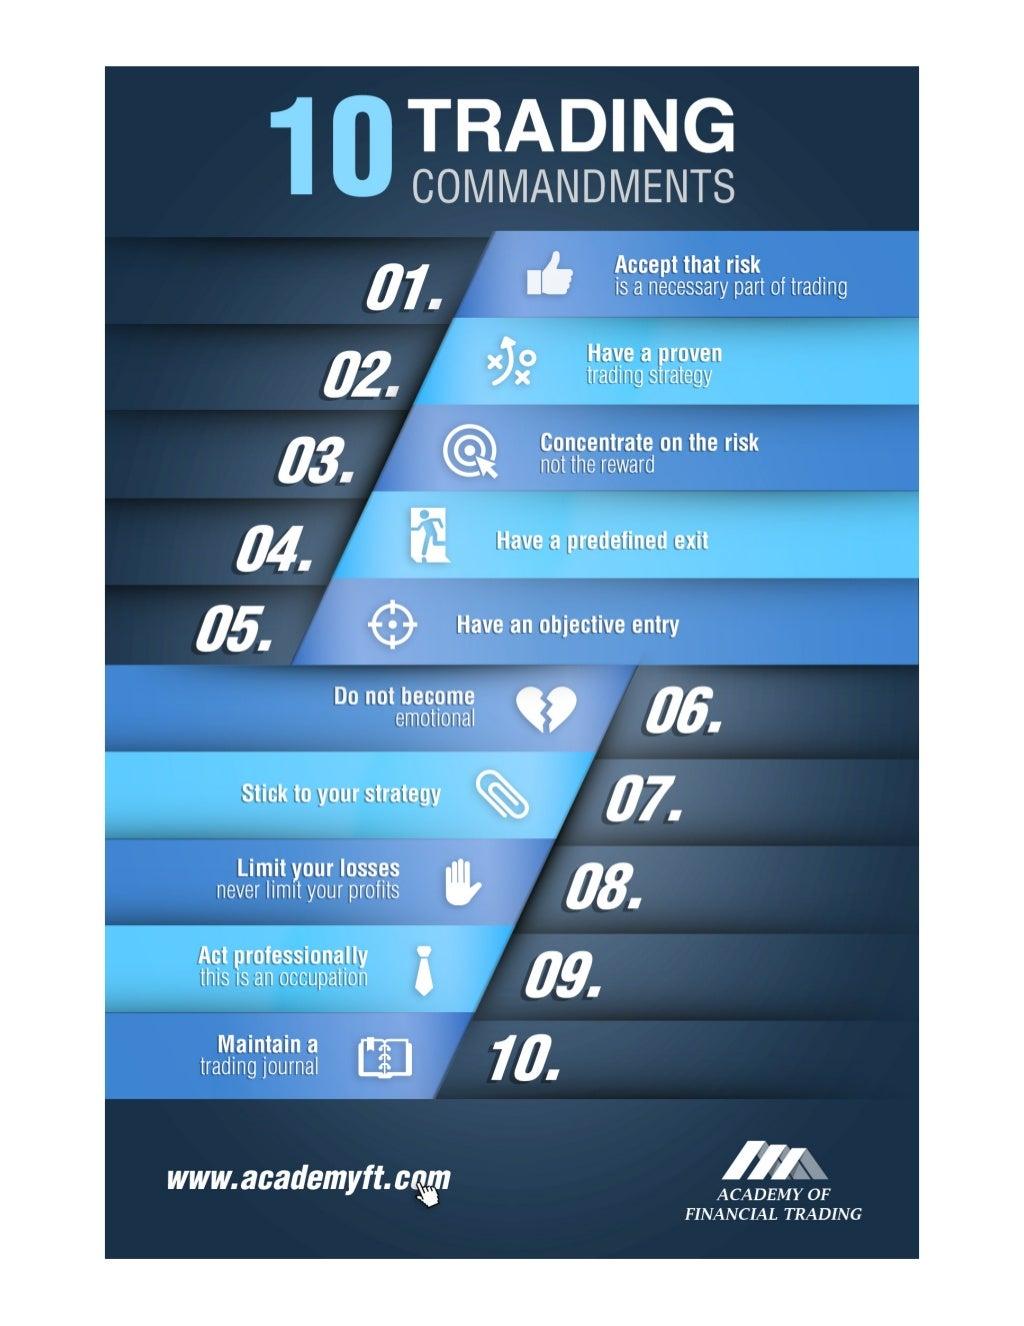 10 Trading Commandments